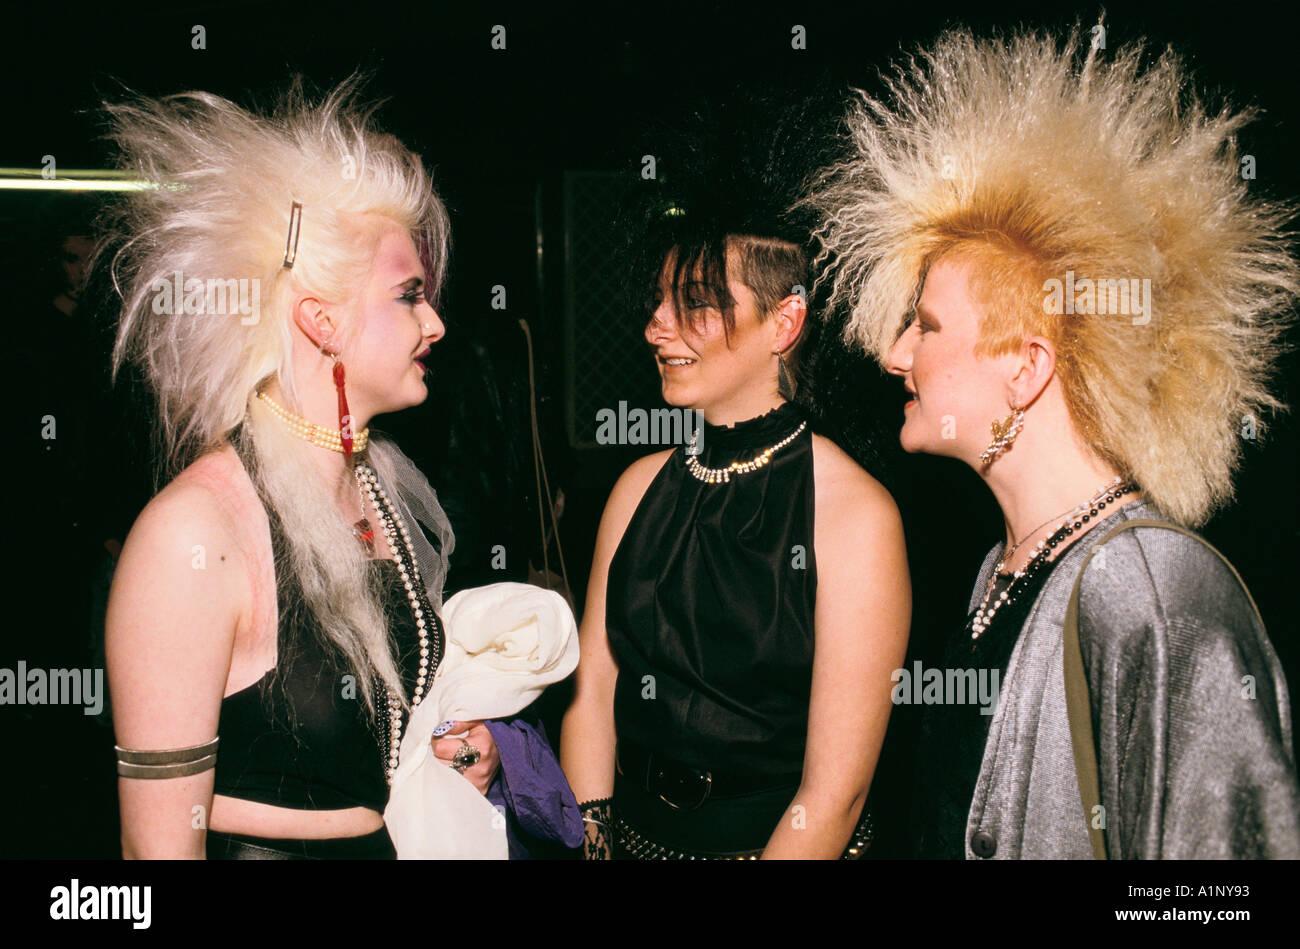 New Romantics Jugendkult Anhänger des pop band Sigue Sigue Sputnik 1980 s 80 s UK HOMER SYKES Stockbild